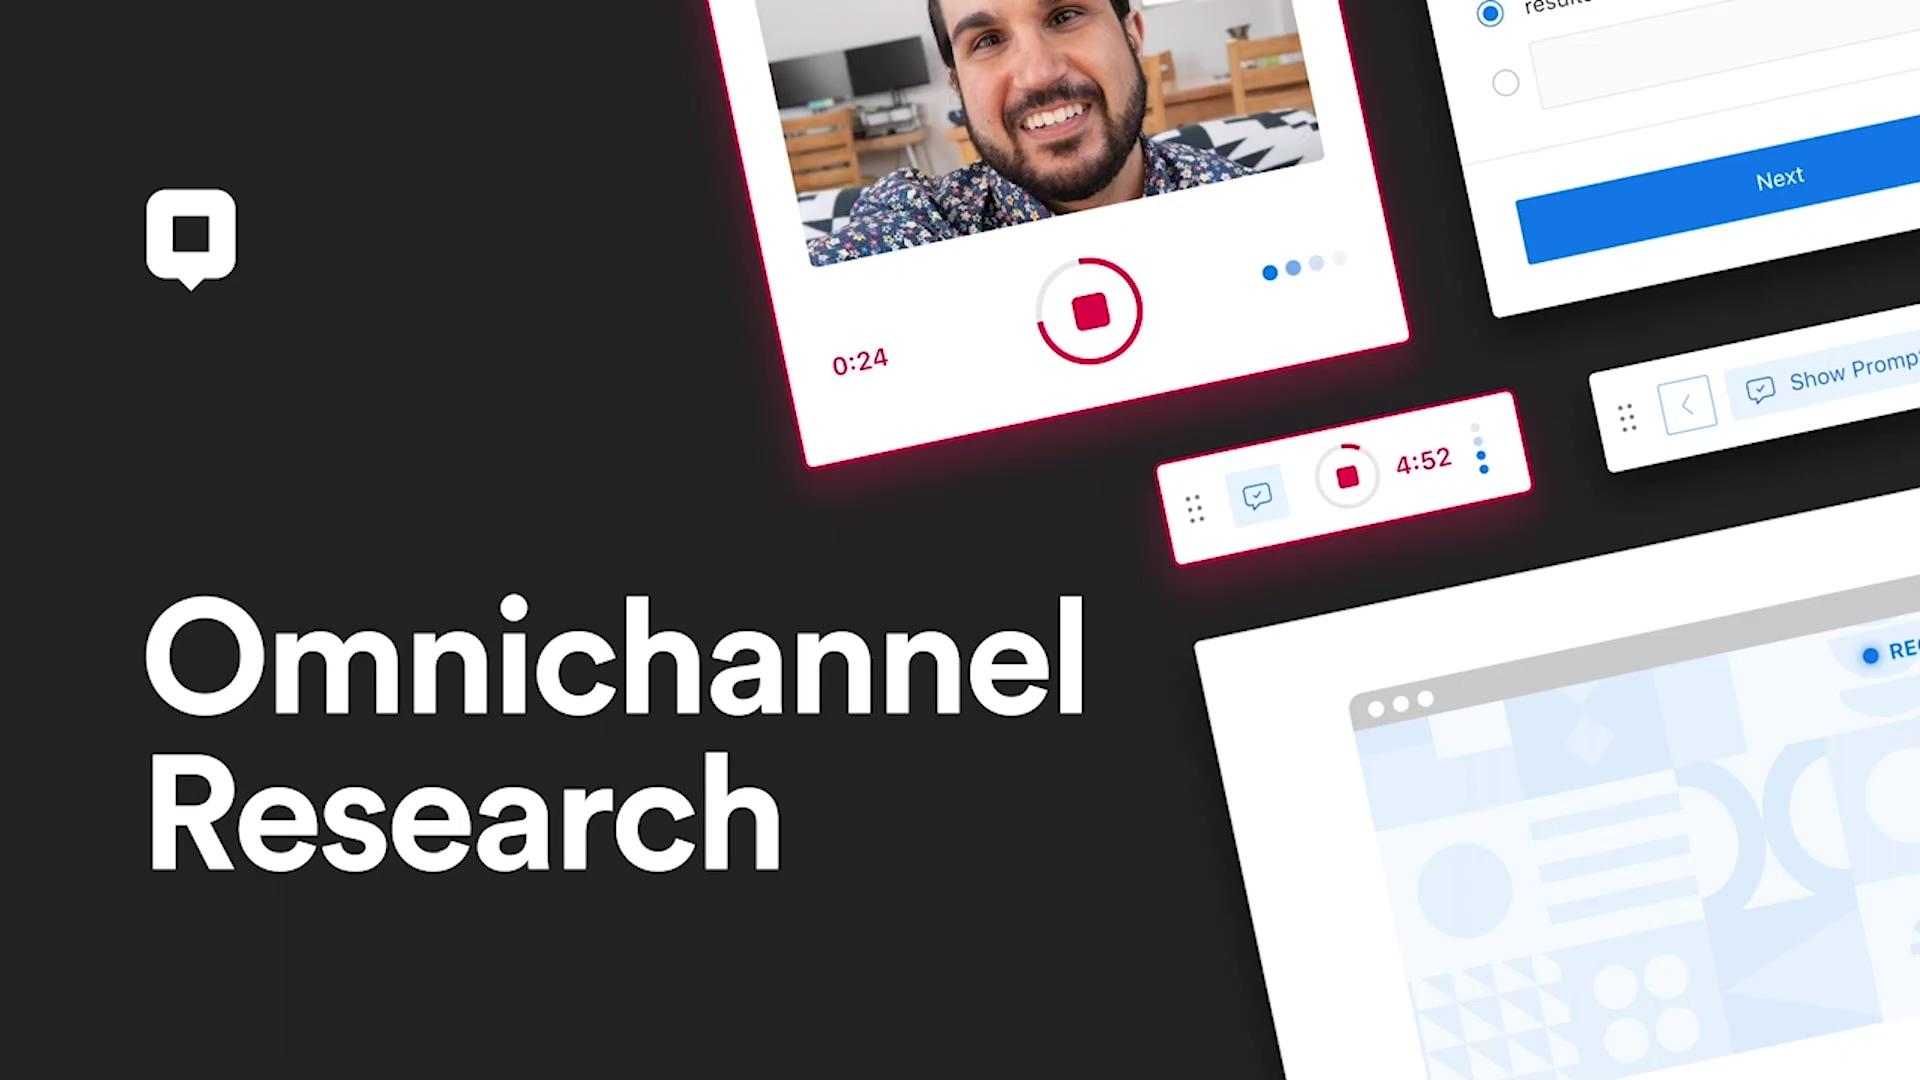 Omnichannel Research in dscout